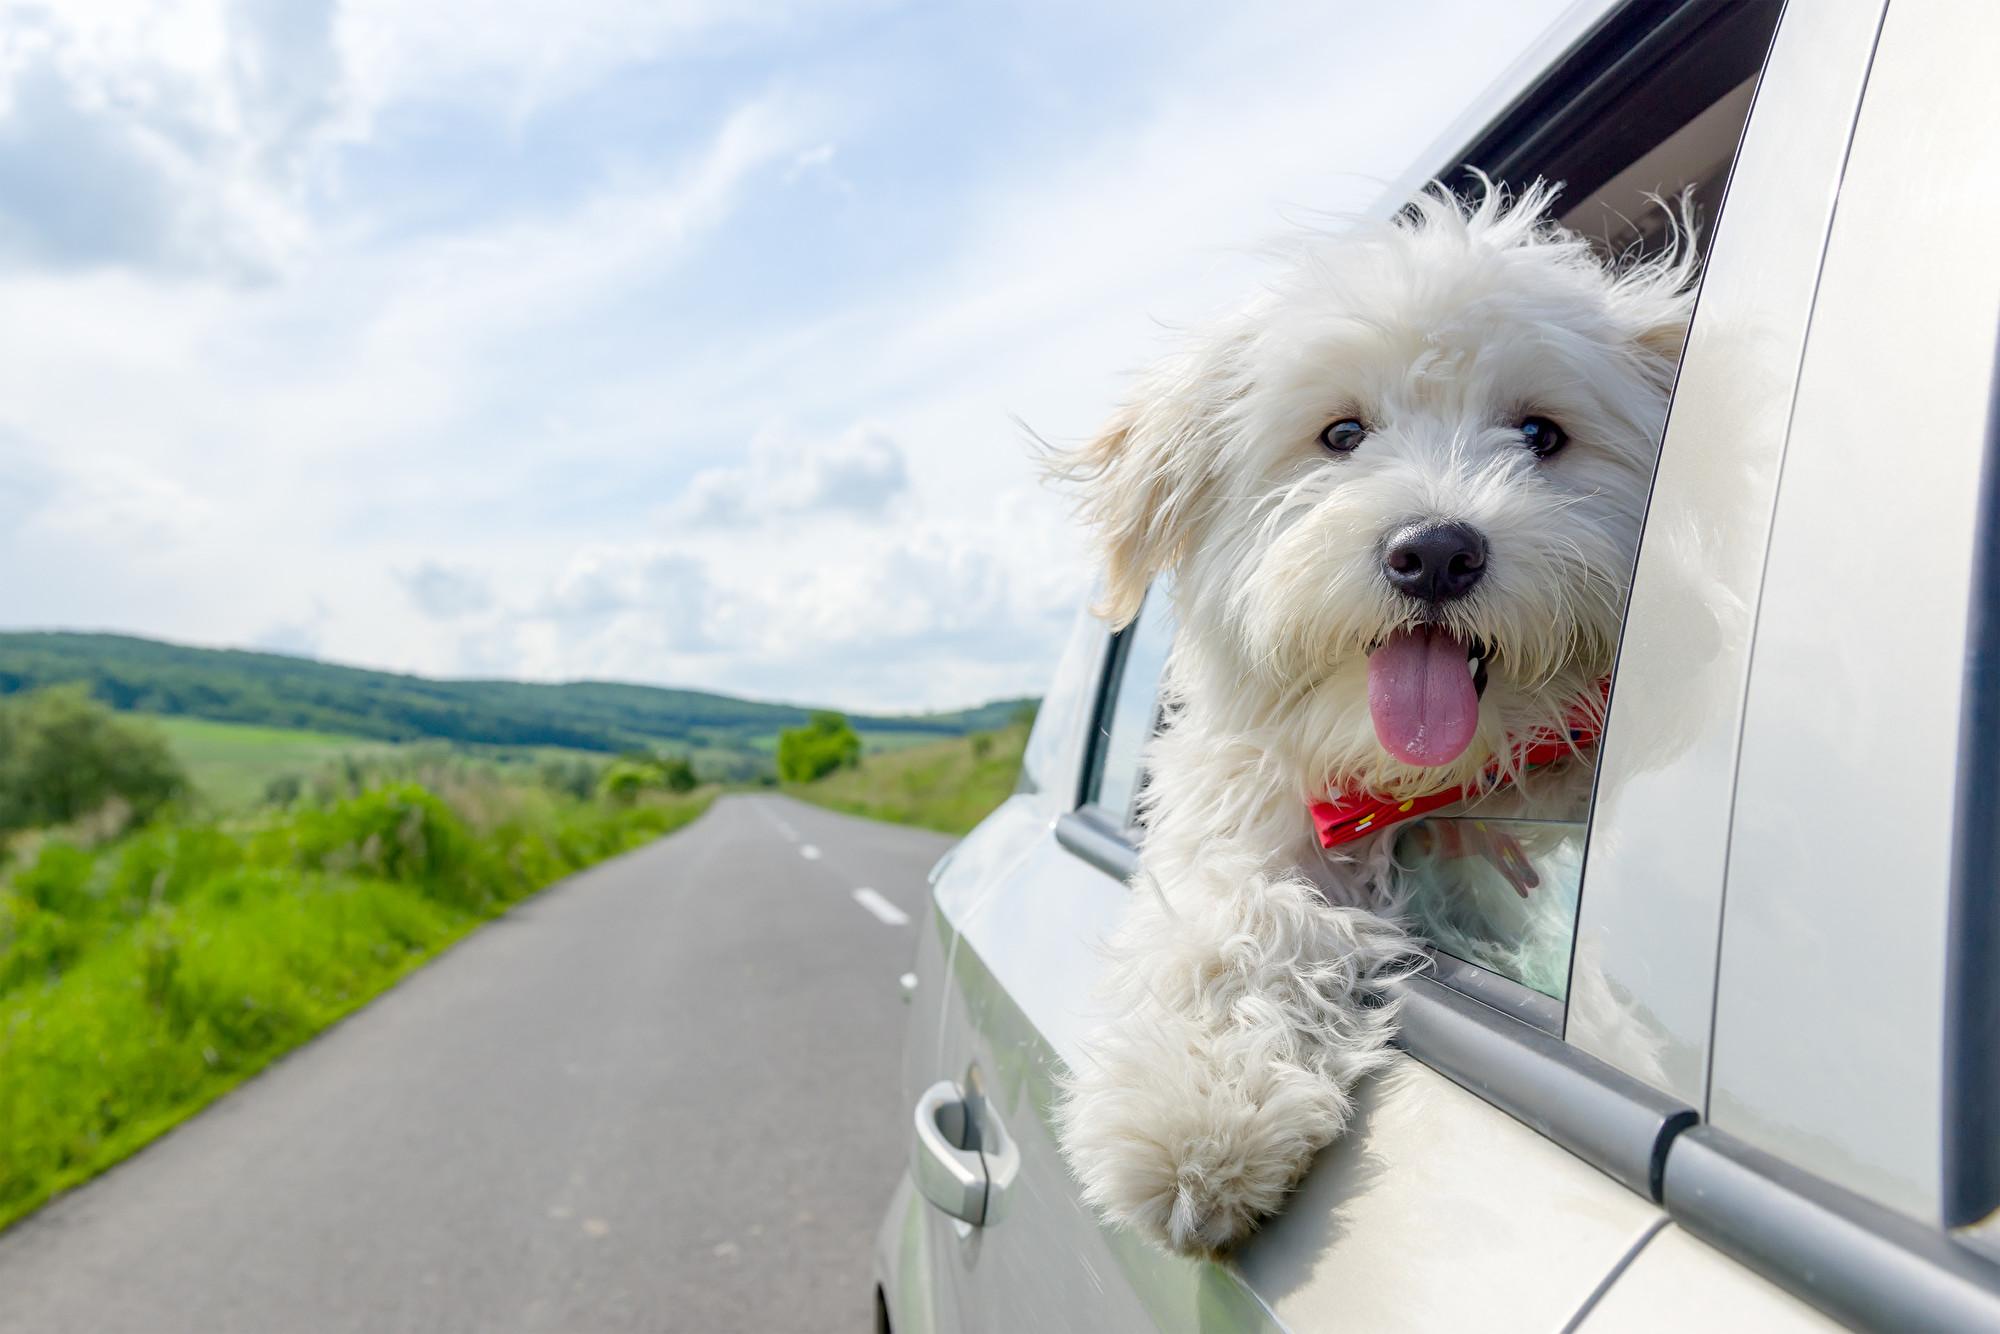 香港首例寵物犬確診中共病毒 被飼主女富商感染